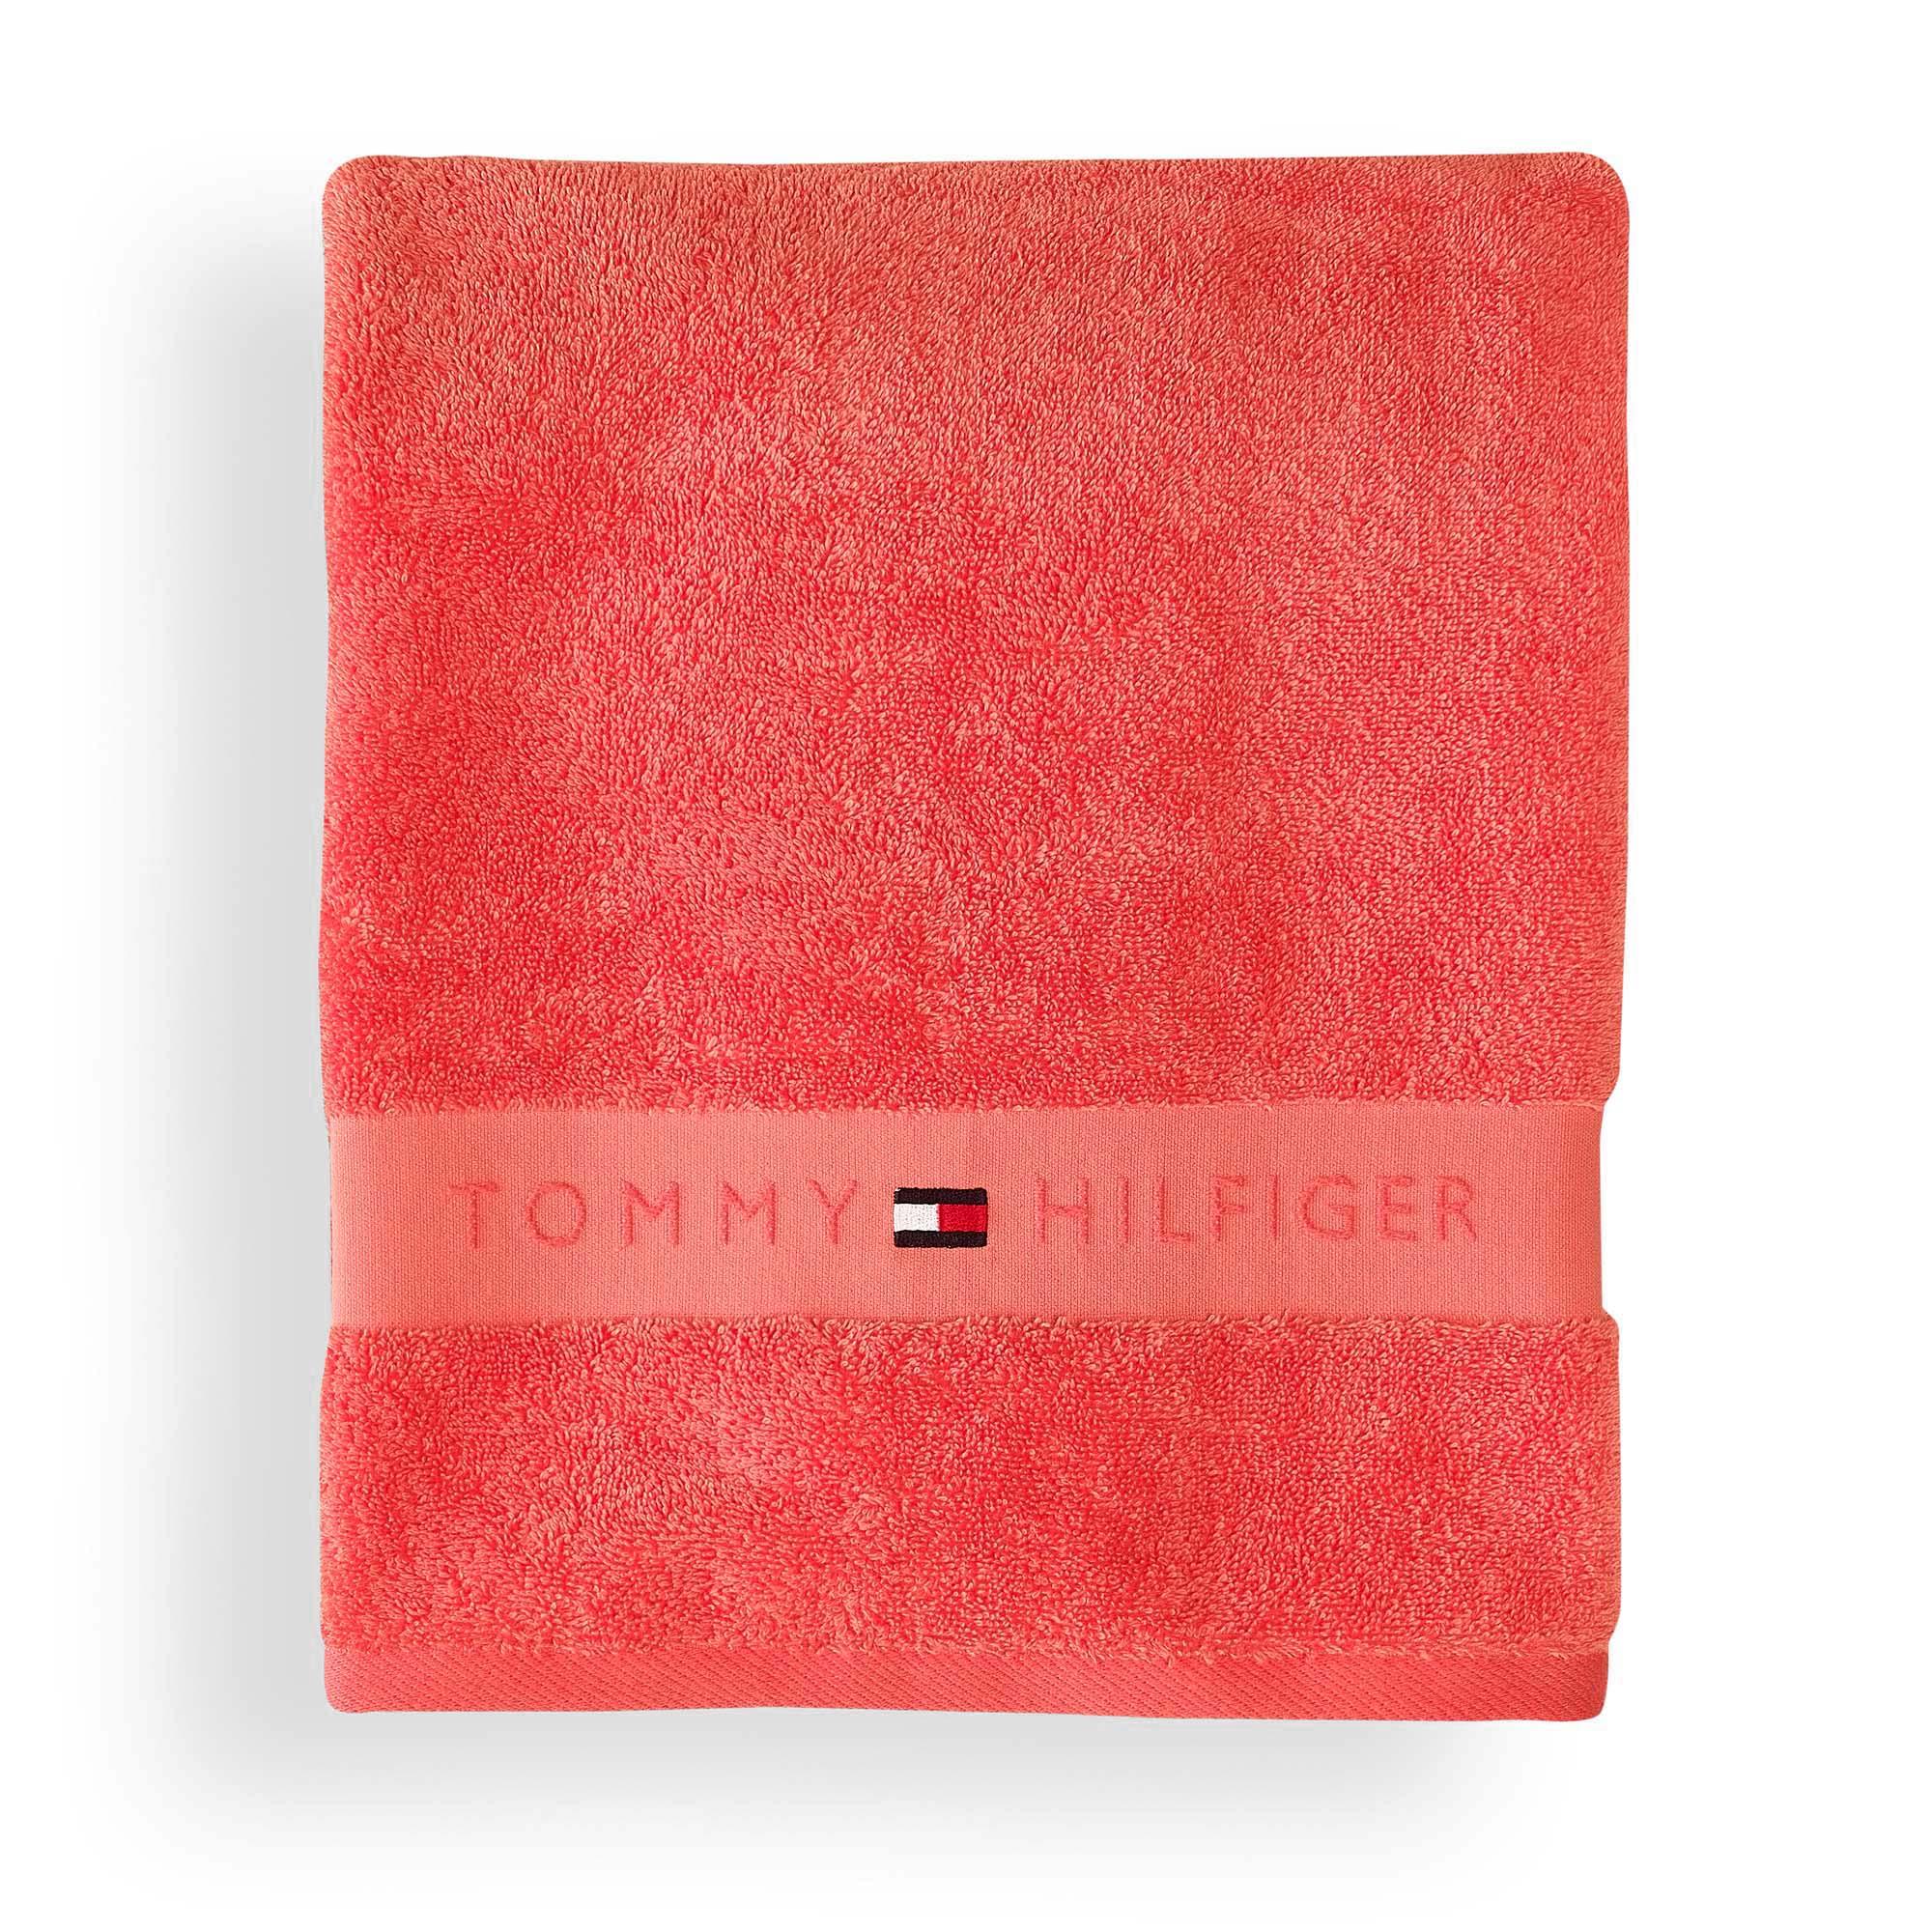 Tommy Hilfiger LEGEND 2 EPONGE Serviette de toilette CORAL